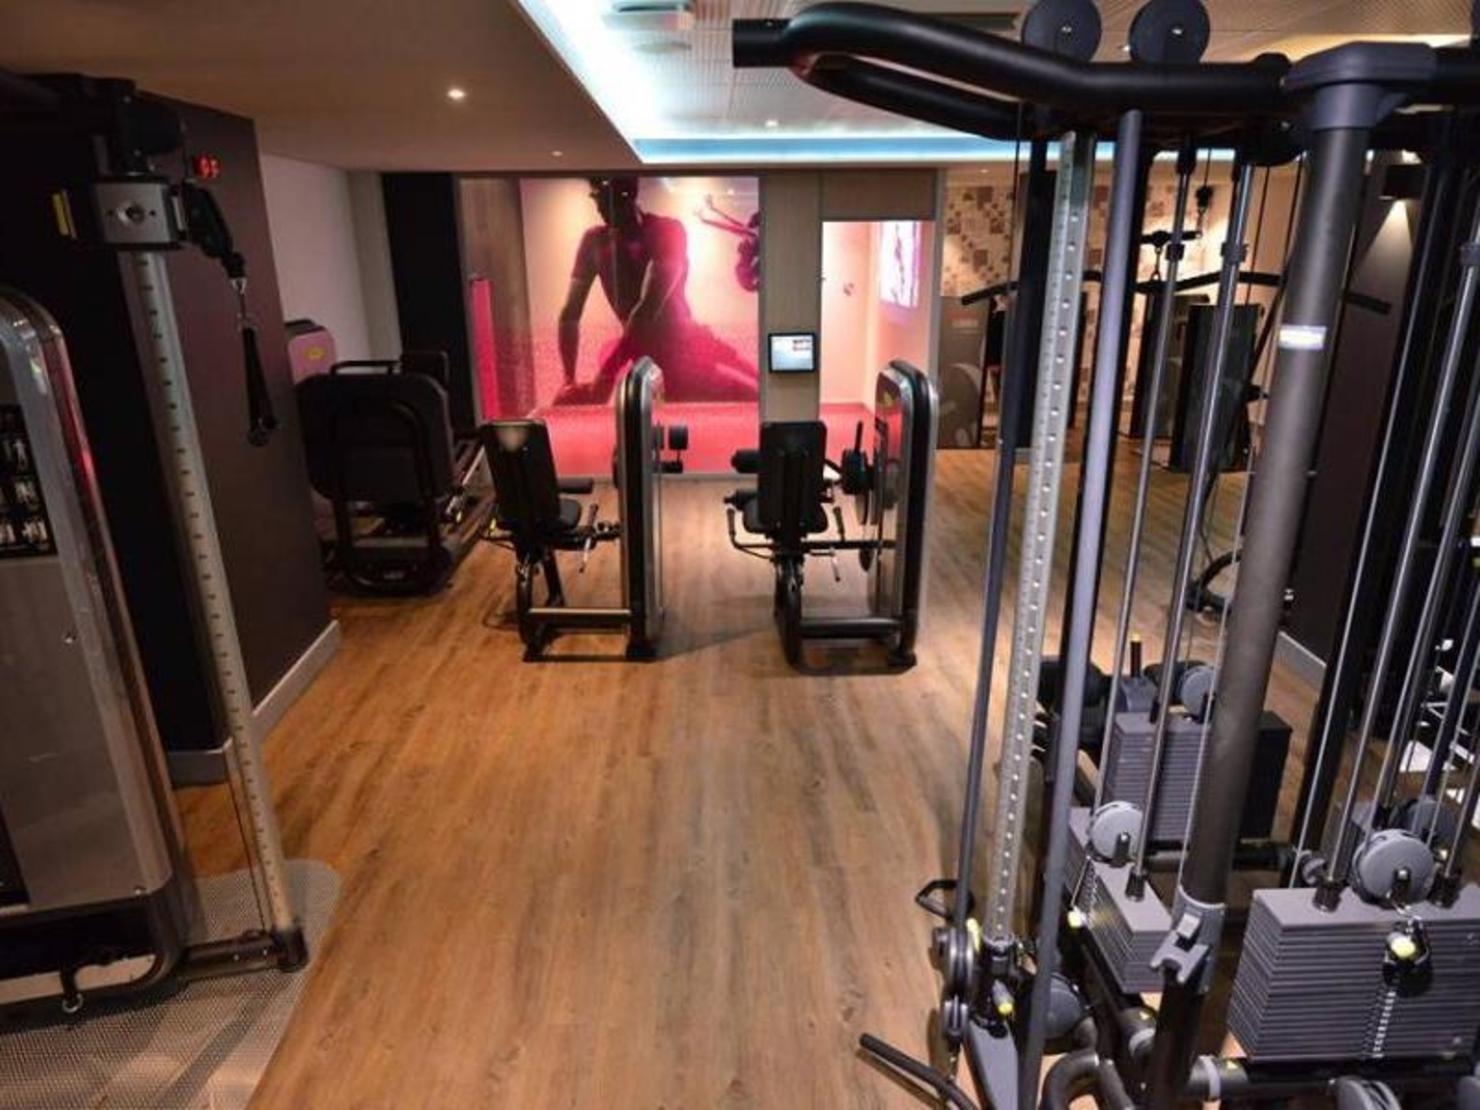 Club de fitness à PARIS. CMG SPORTS CLUB WAOU AUTEUIL. 11 rue de Chanez - PARIS. Le 7ème ciel les pieds dans l'eau près du bois de Boulogne.